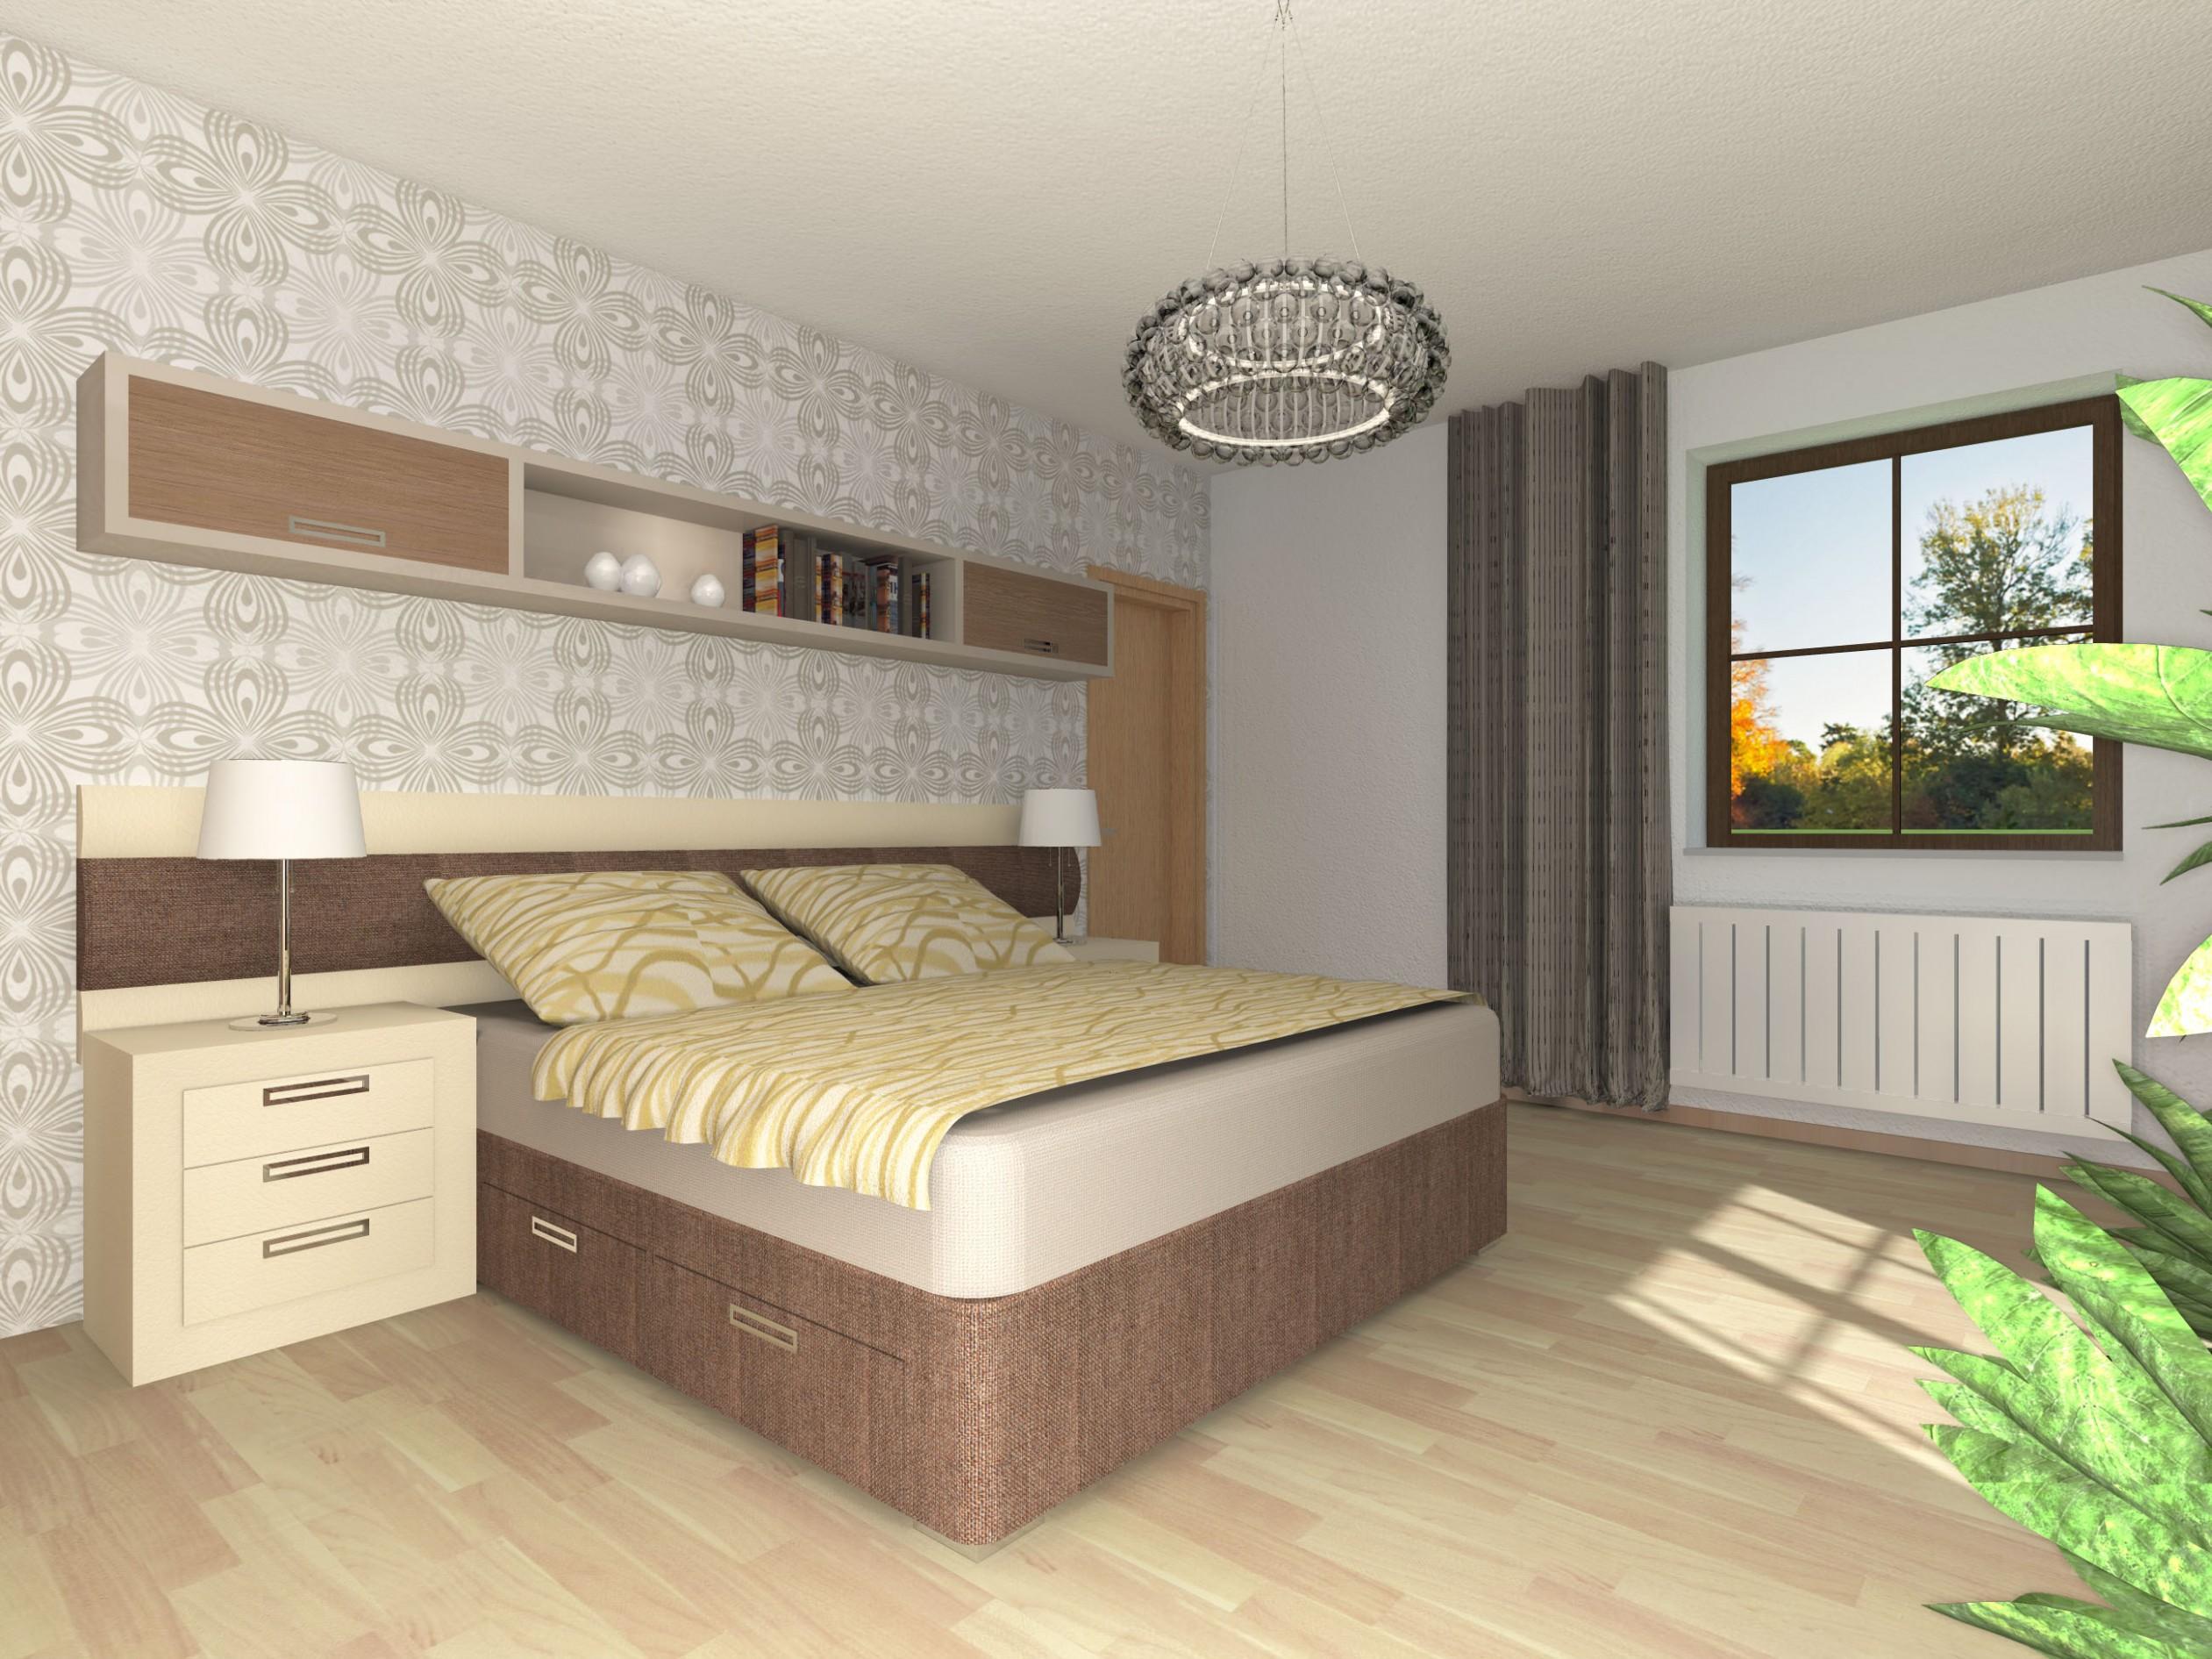 Interiér ložnice | Komplexní projekční služby, návrhy interiérů